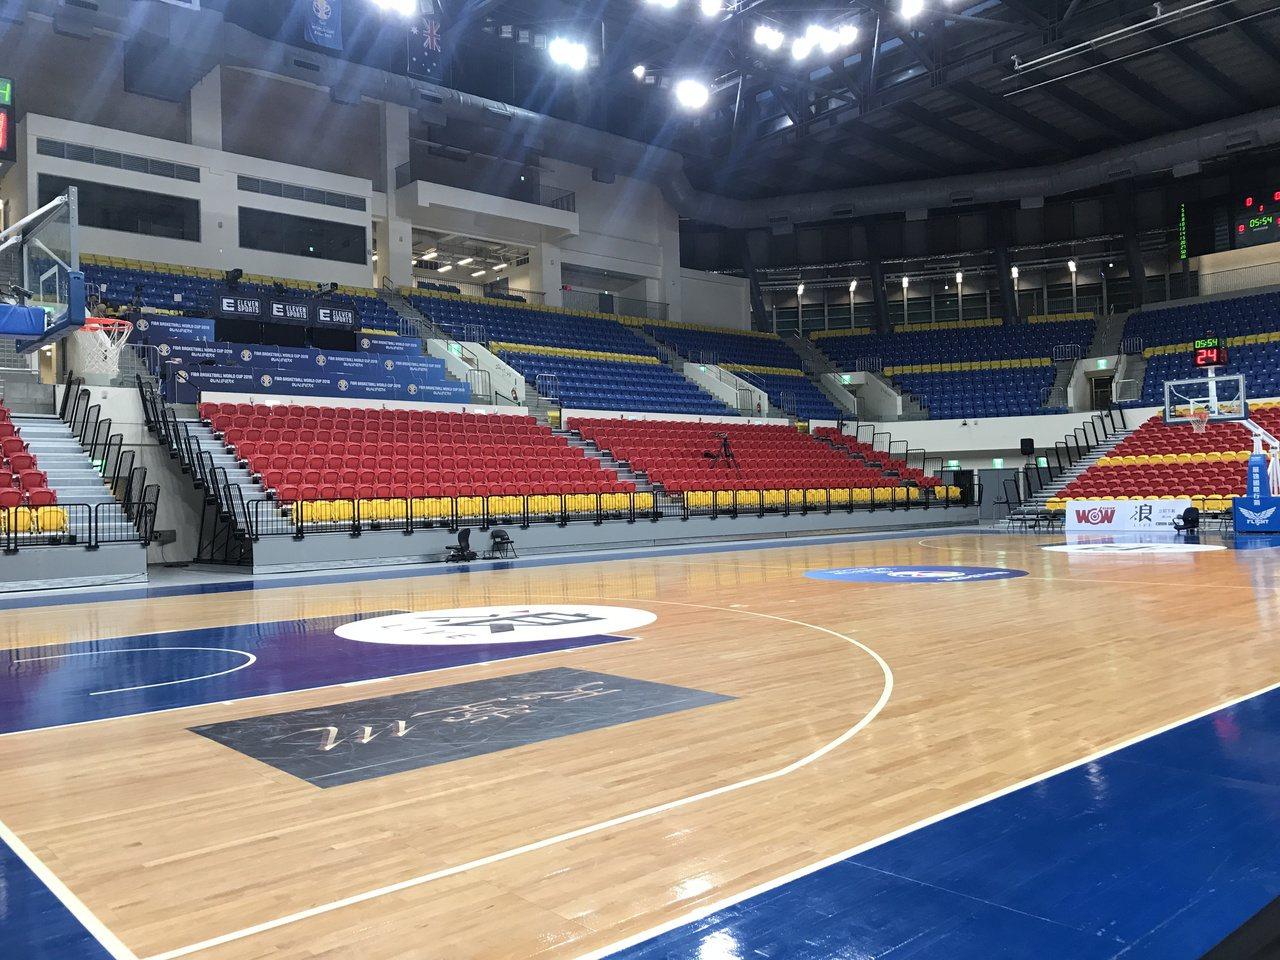 亞洲籃球總會這次共派5名官員來台協助賽事舉辦及場地相關設施審核。記者劉肇育/攝影